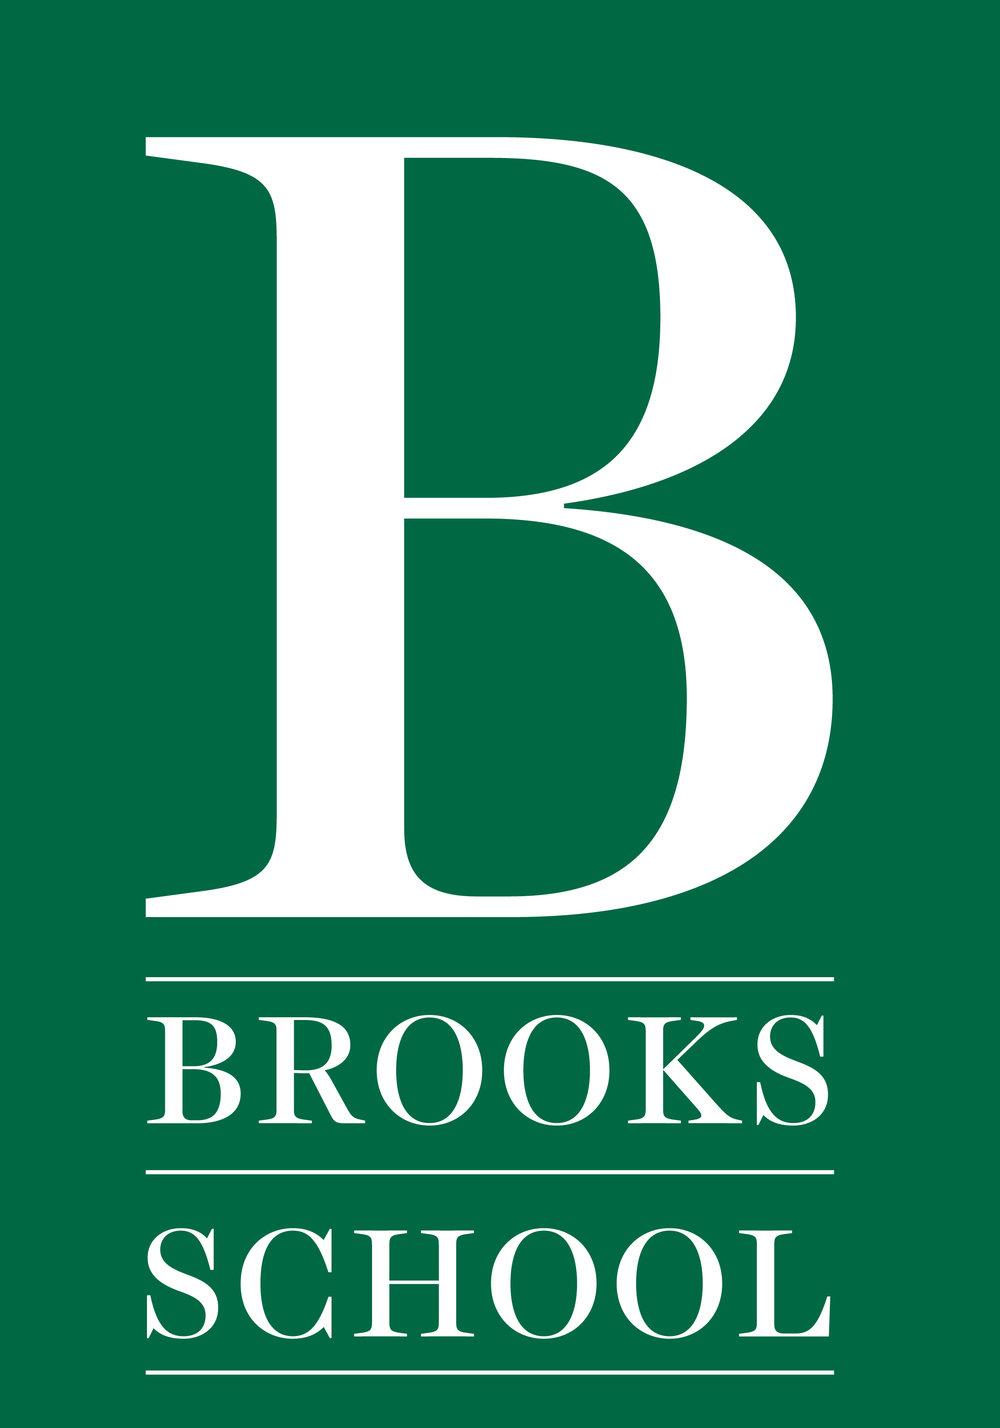 Brooks School.jpg